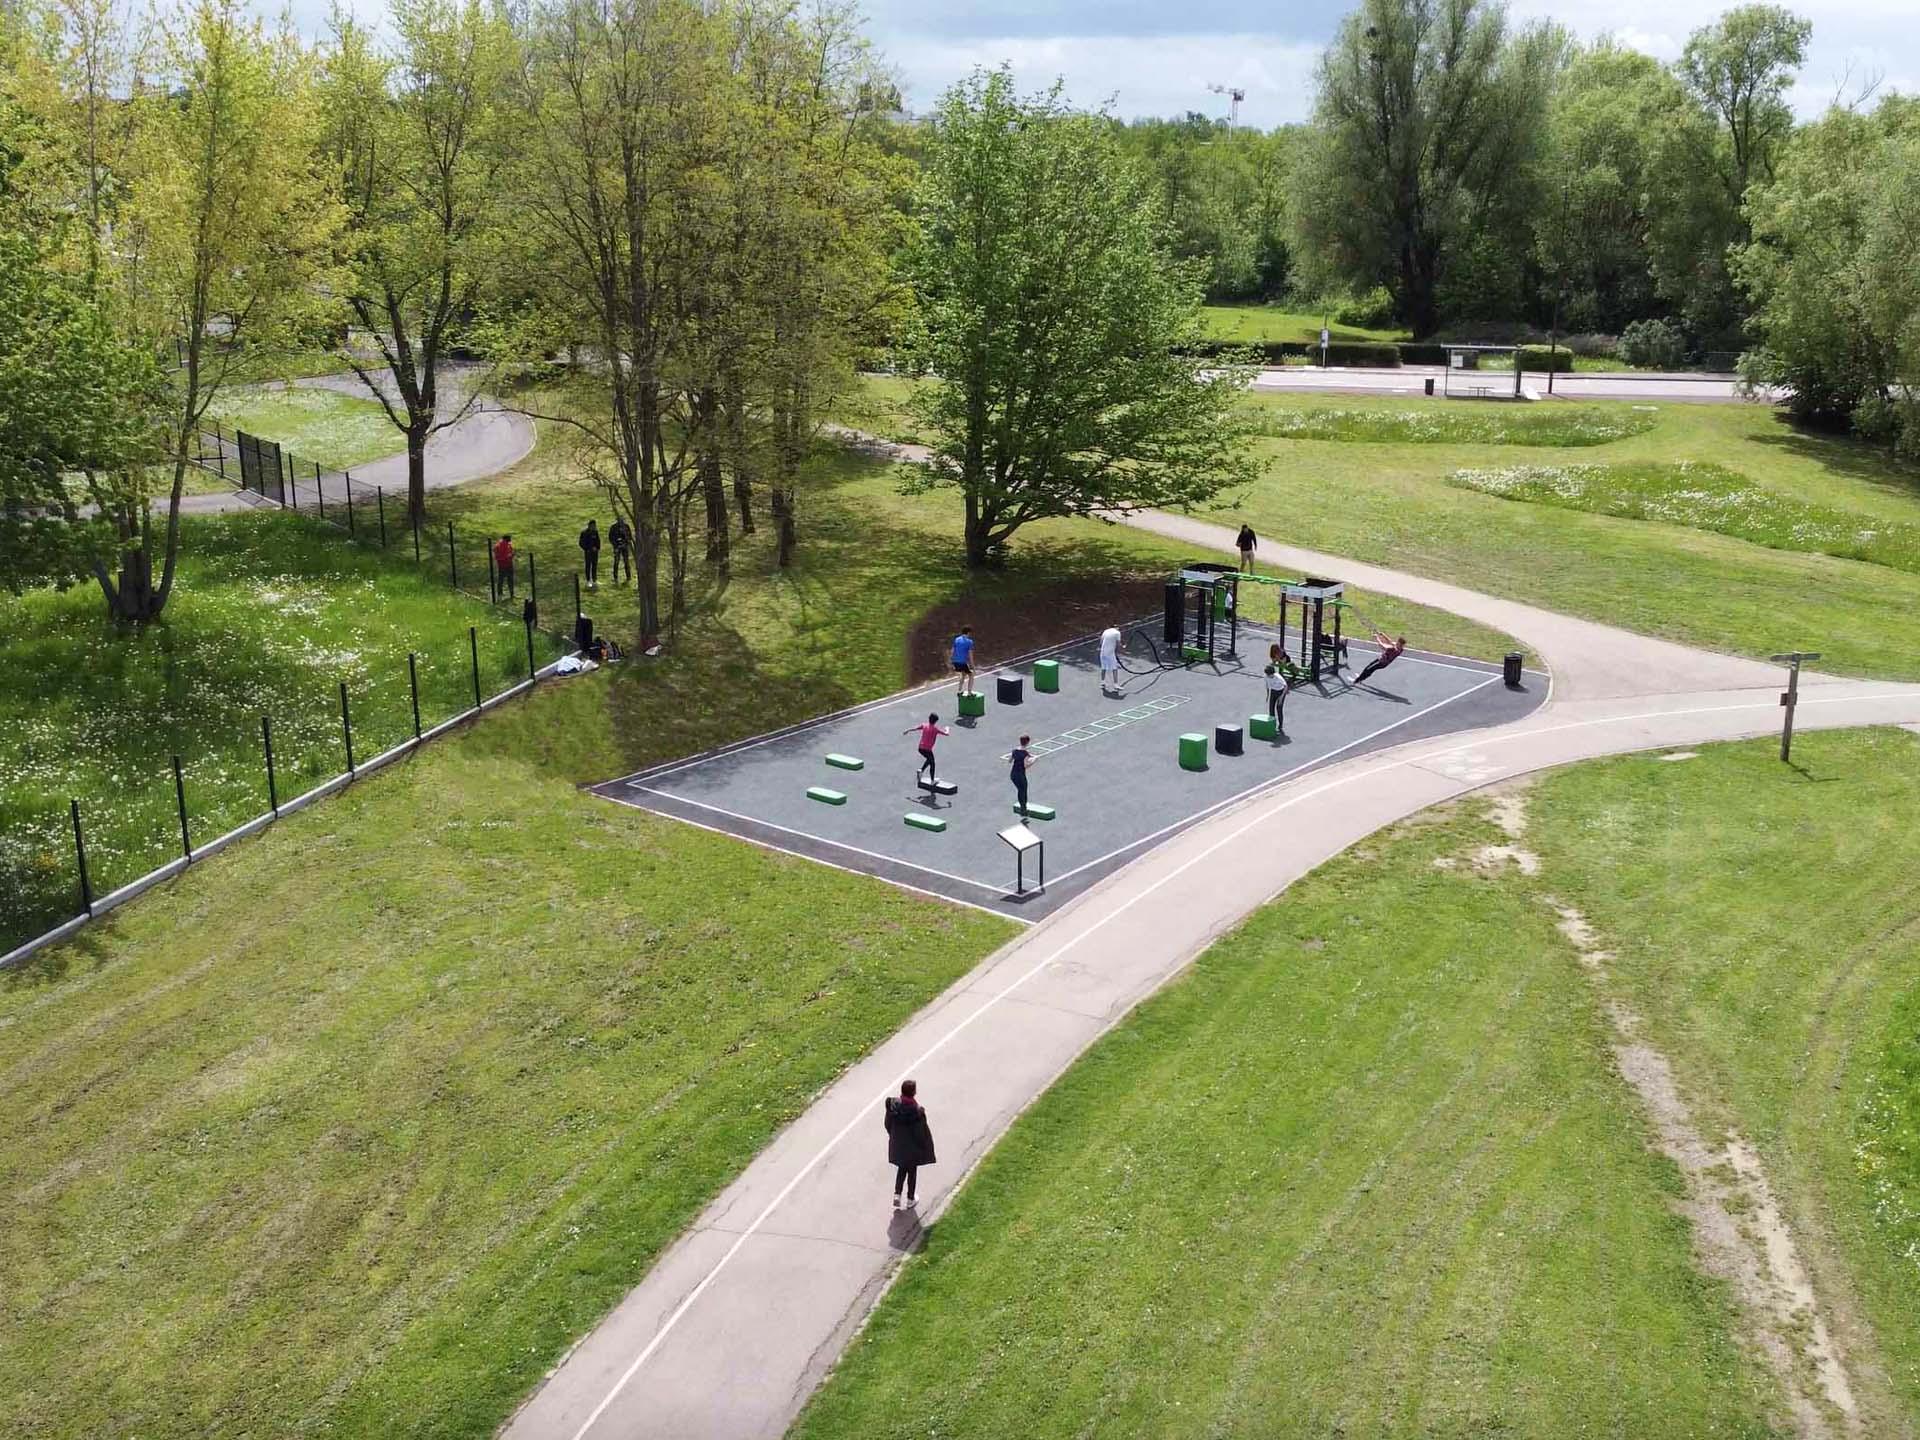 Photo drone des équipements sportifs extérieurs AirFit de Metz